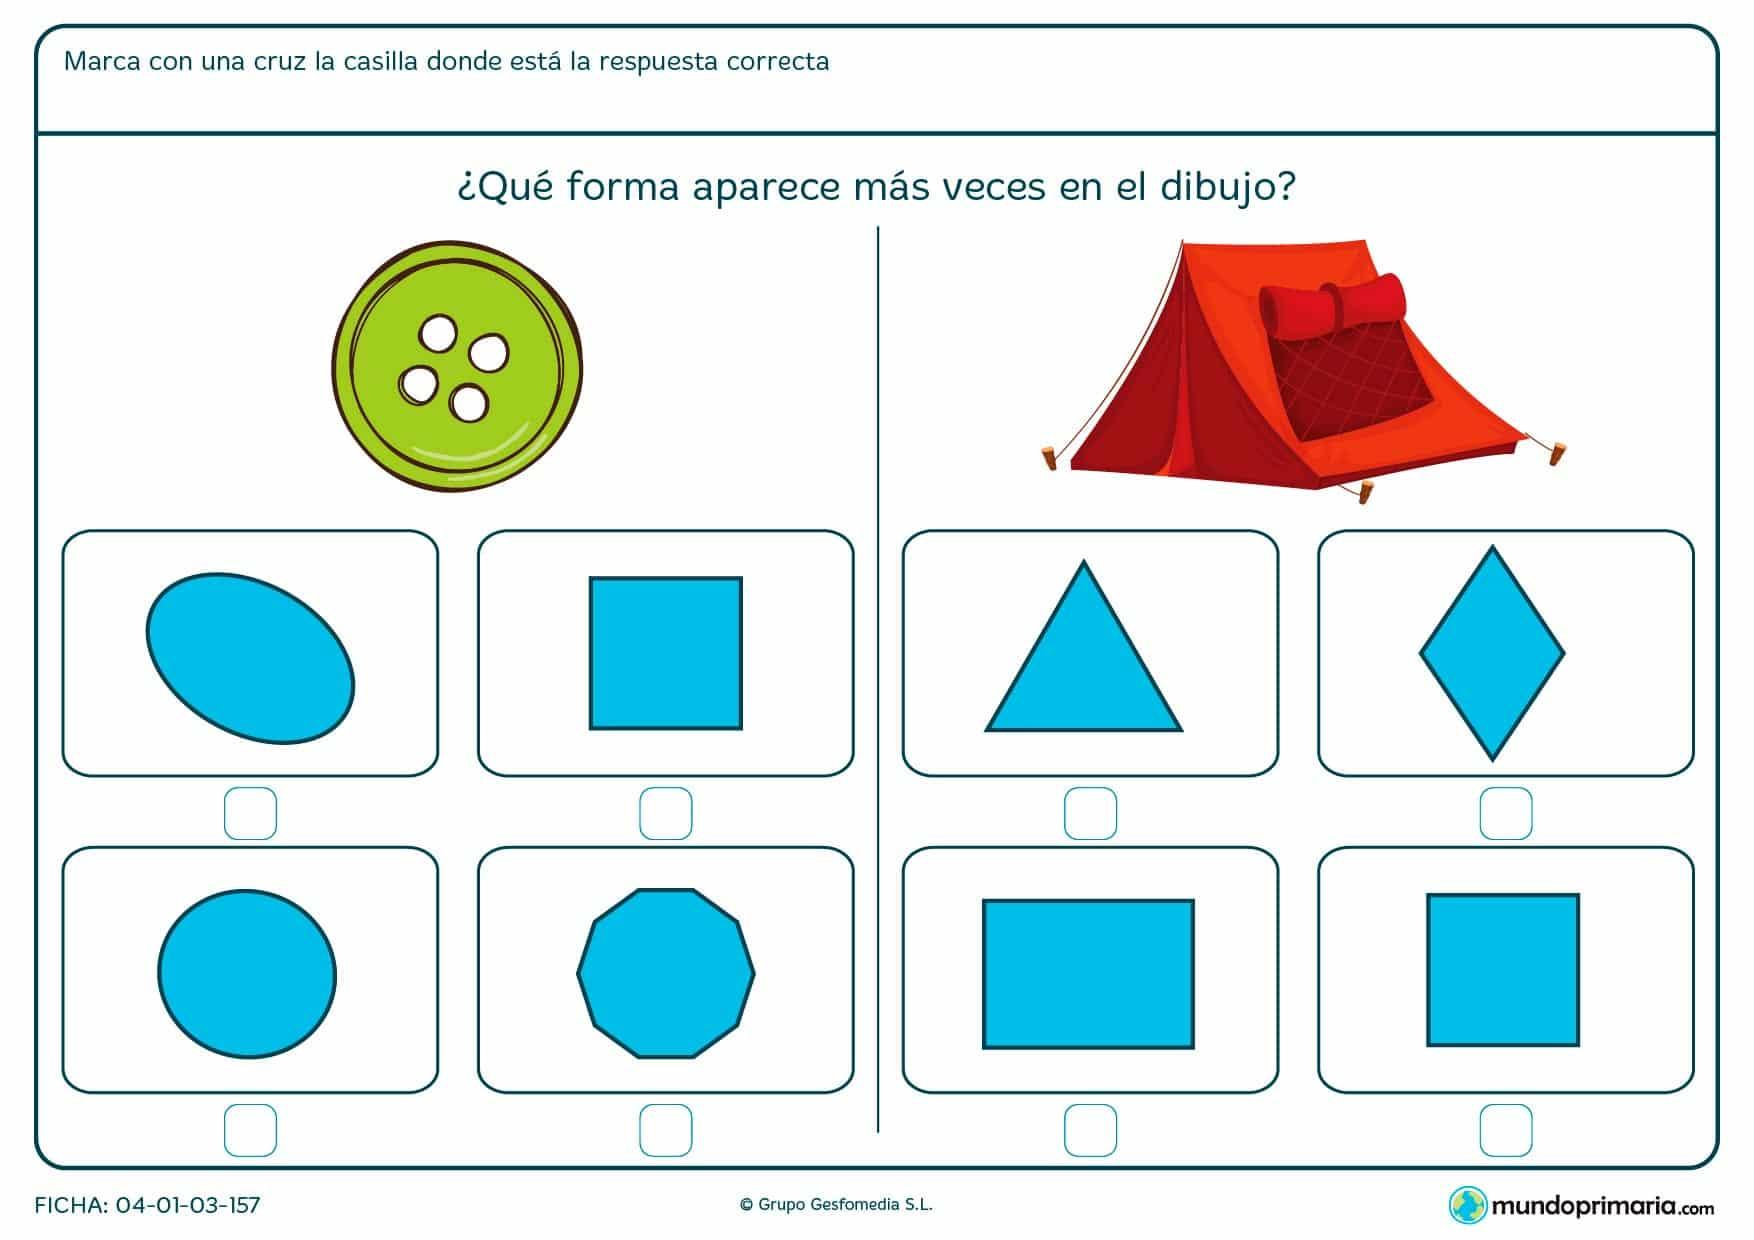 Ficha de forma de círculo, cuadrado, triángulo,…, busca y encuentra las que se asemejan a los dibujos que te mostramos.